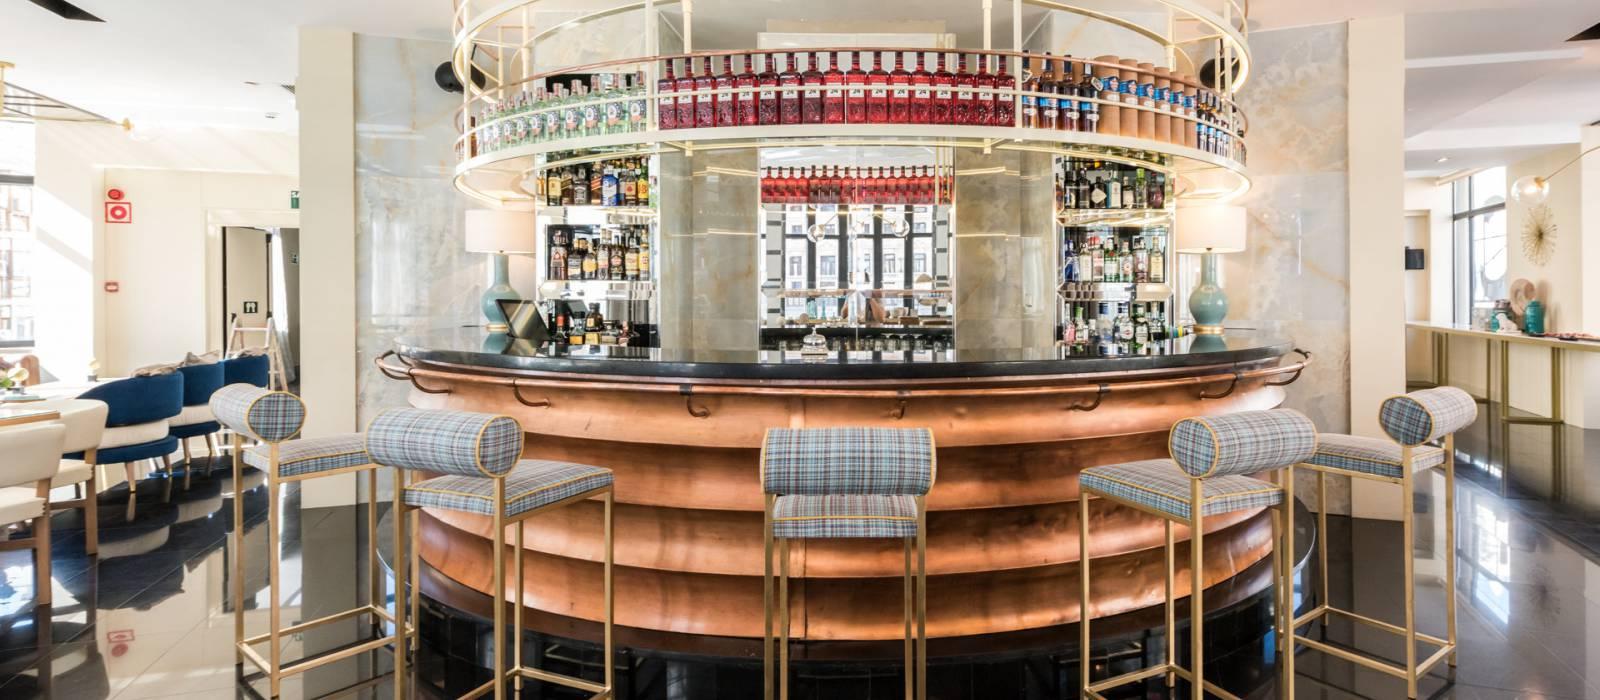 Services de Capitol Hôtel Madrid - Vincci Hoteles - Reims Bar